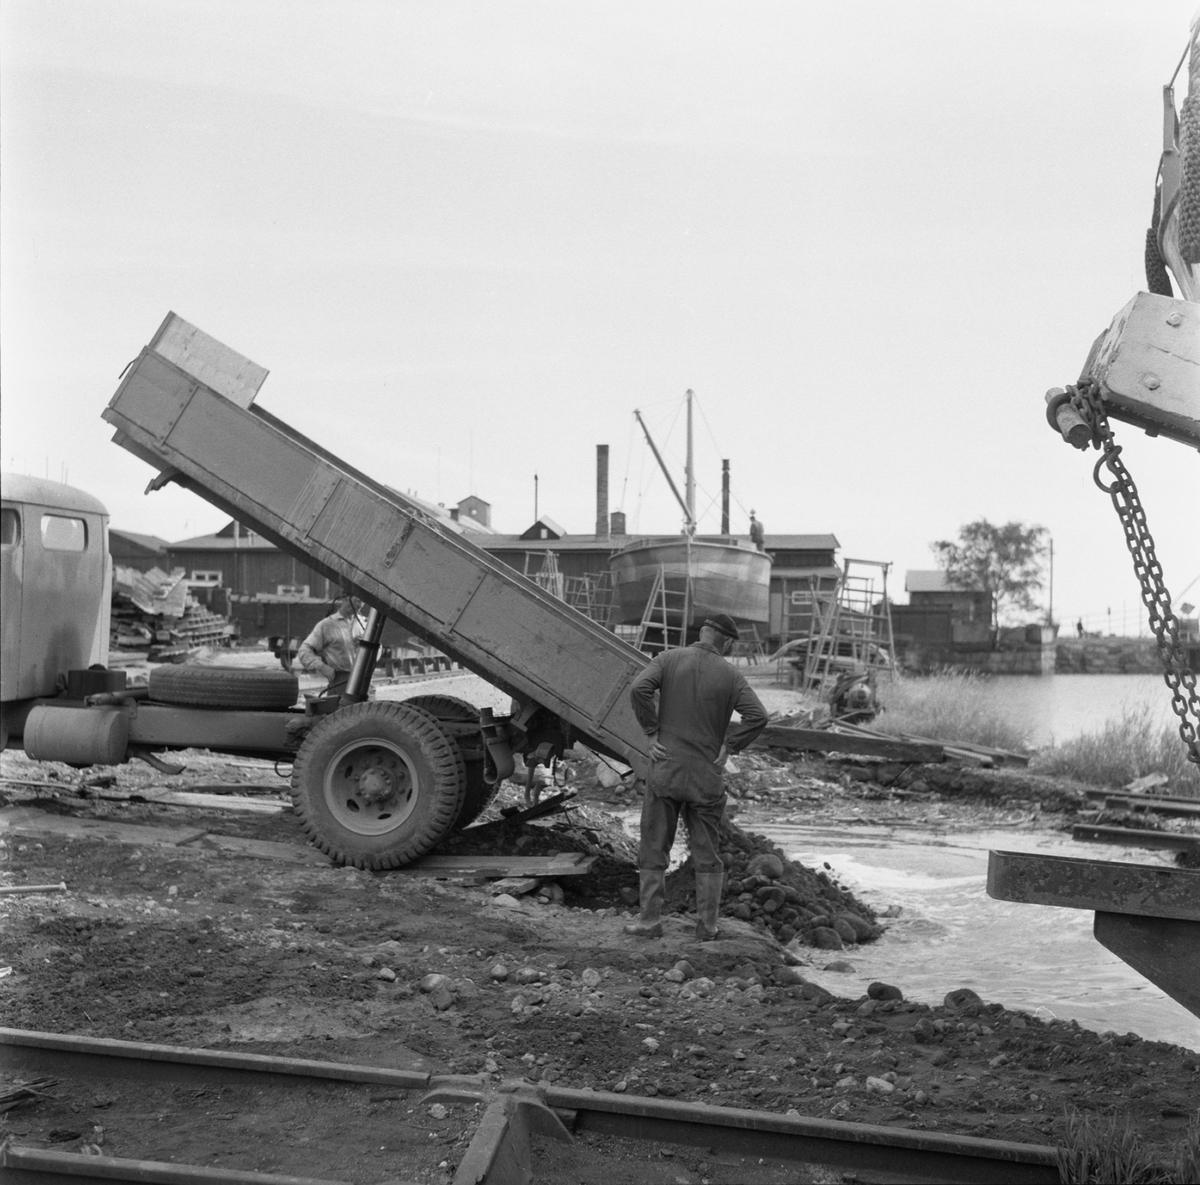 Övrigt: Fotodatum:18/9 1959 Byggnader och Kranar. Spåromläggning på slipen